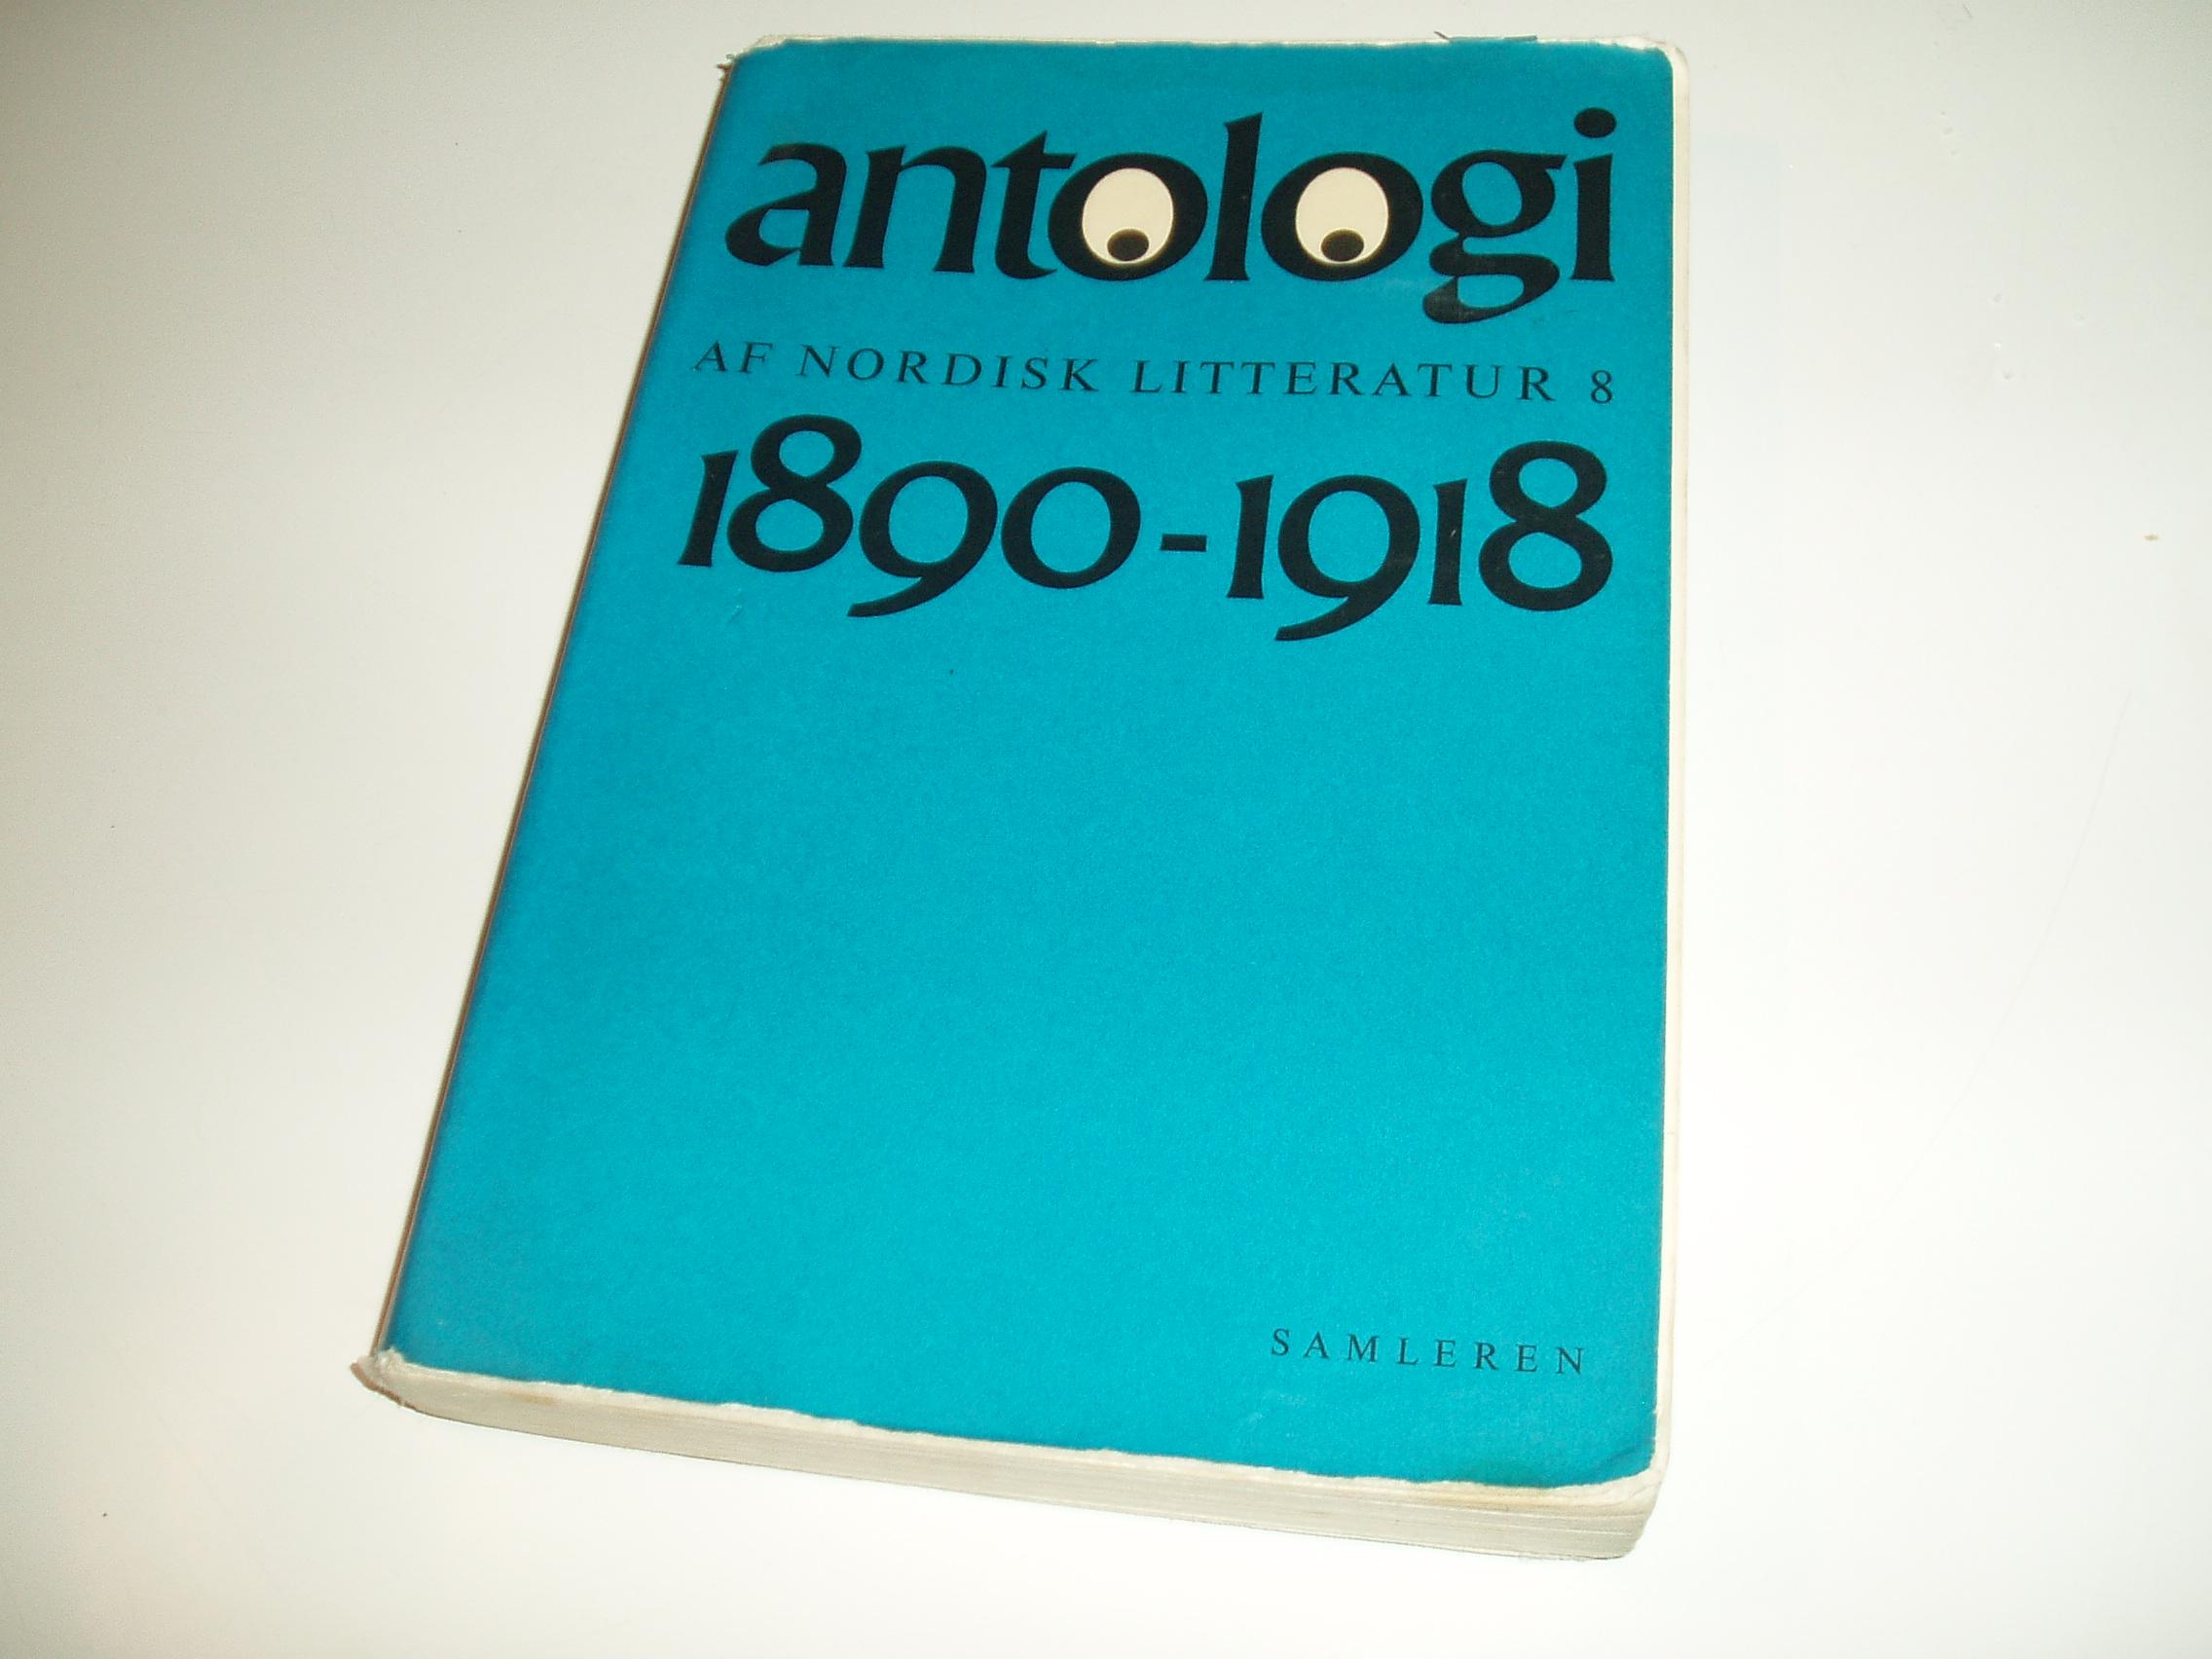 Antologi af nordisk litteratur, bind 8. Perioden 1890-1918